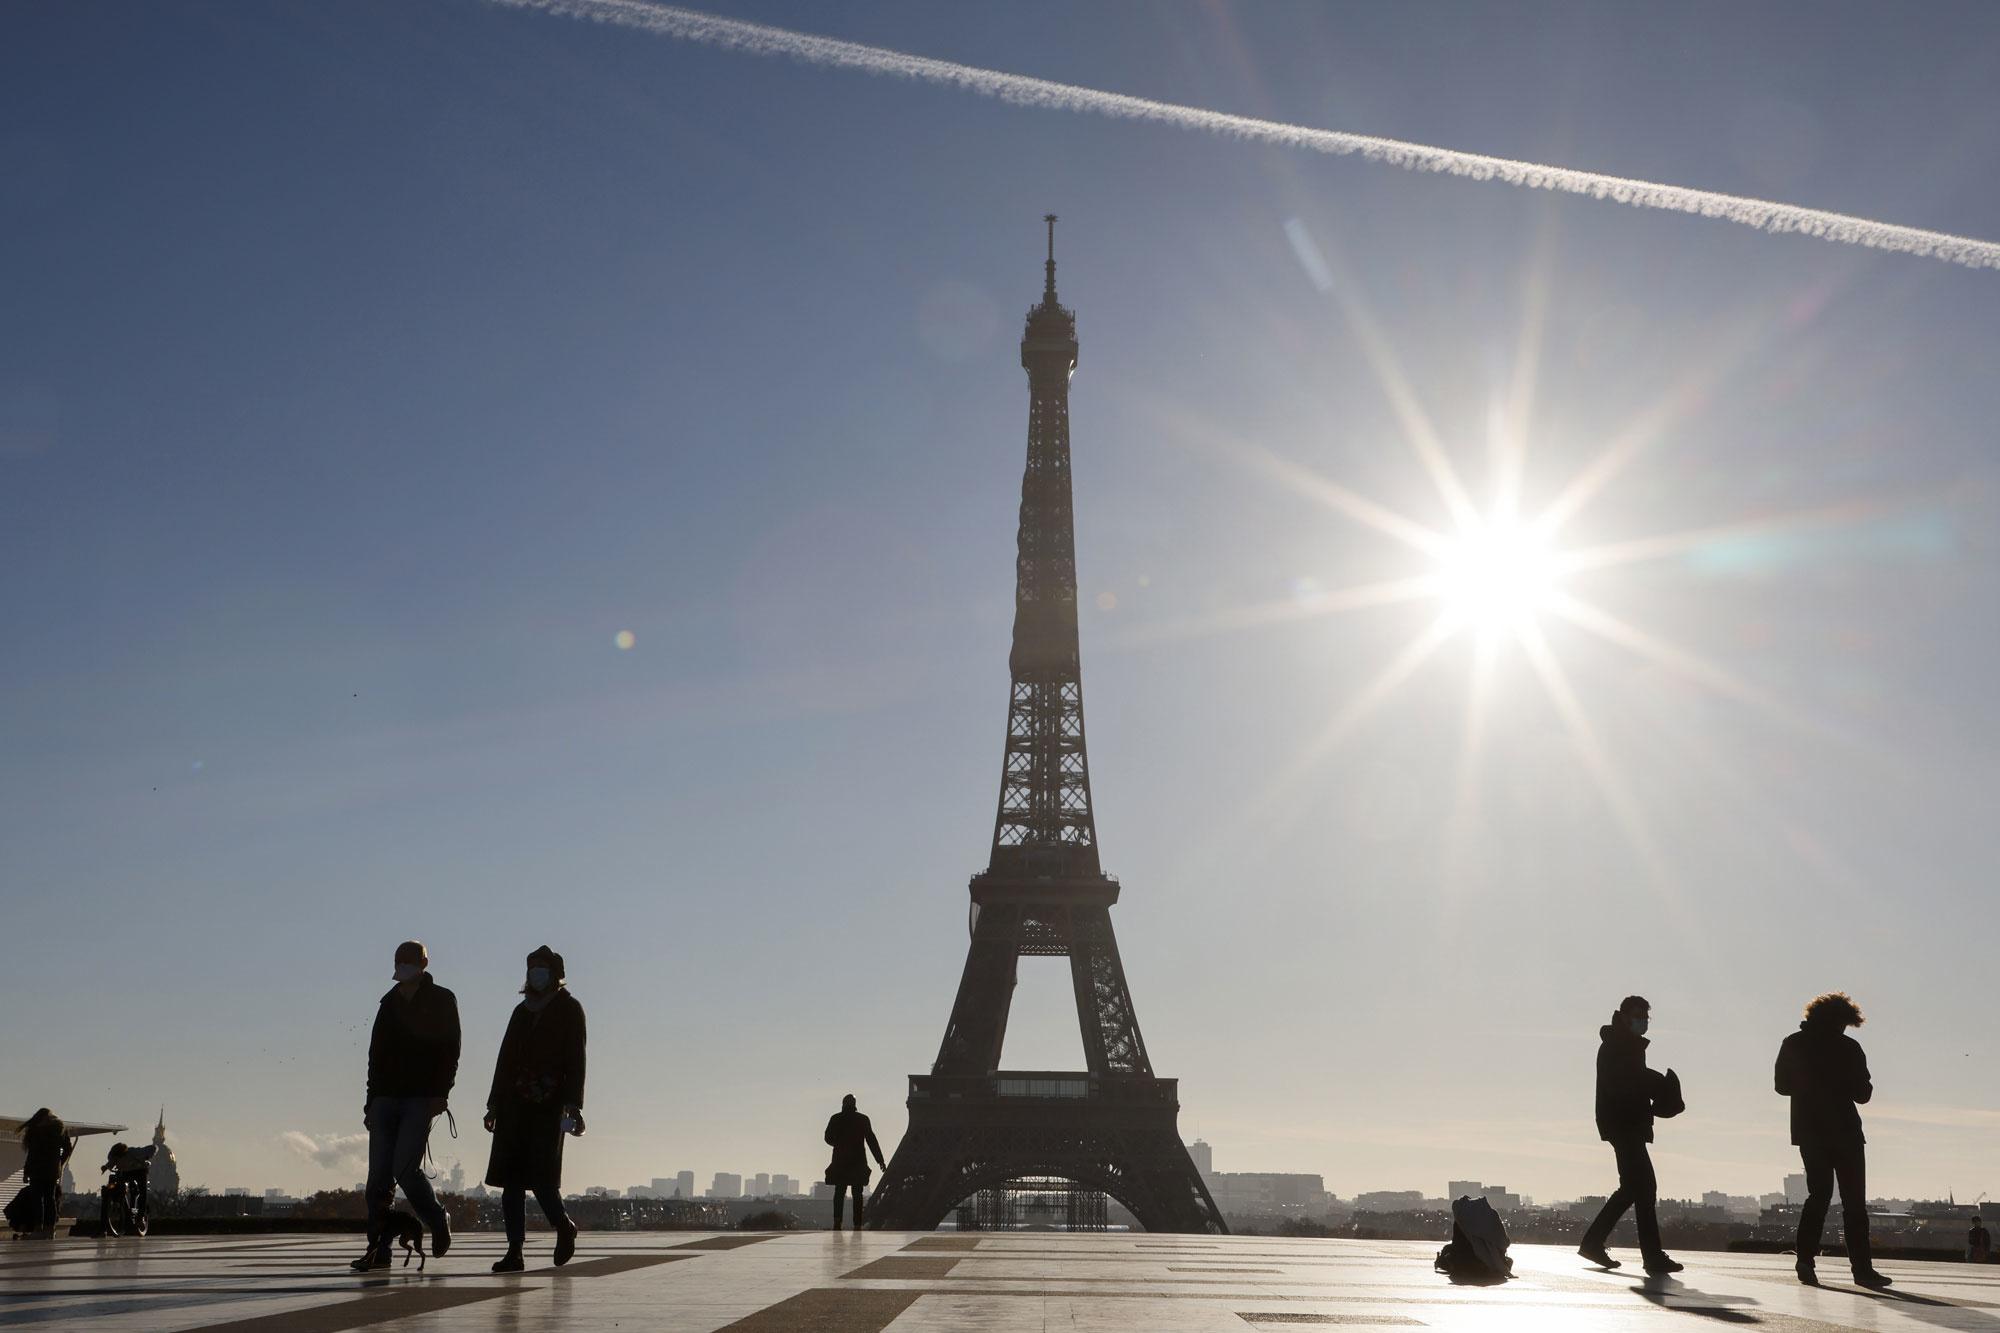 Des passants devant la Tour Eiffel, sur la place du Trocadéro à Paris, le 18 novembre 2020, lors d'un deuxième confinement visant à contenir la propagation de la pandémie de Covid-19., Belga Image